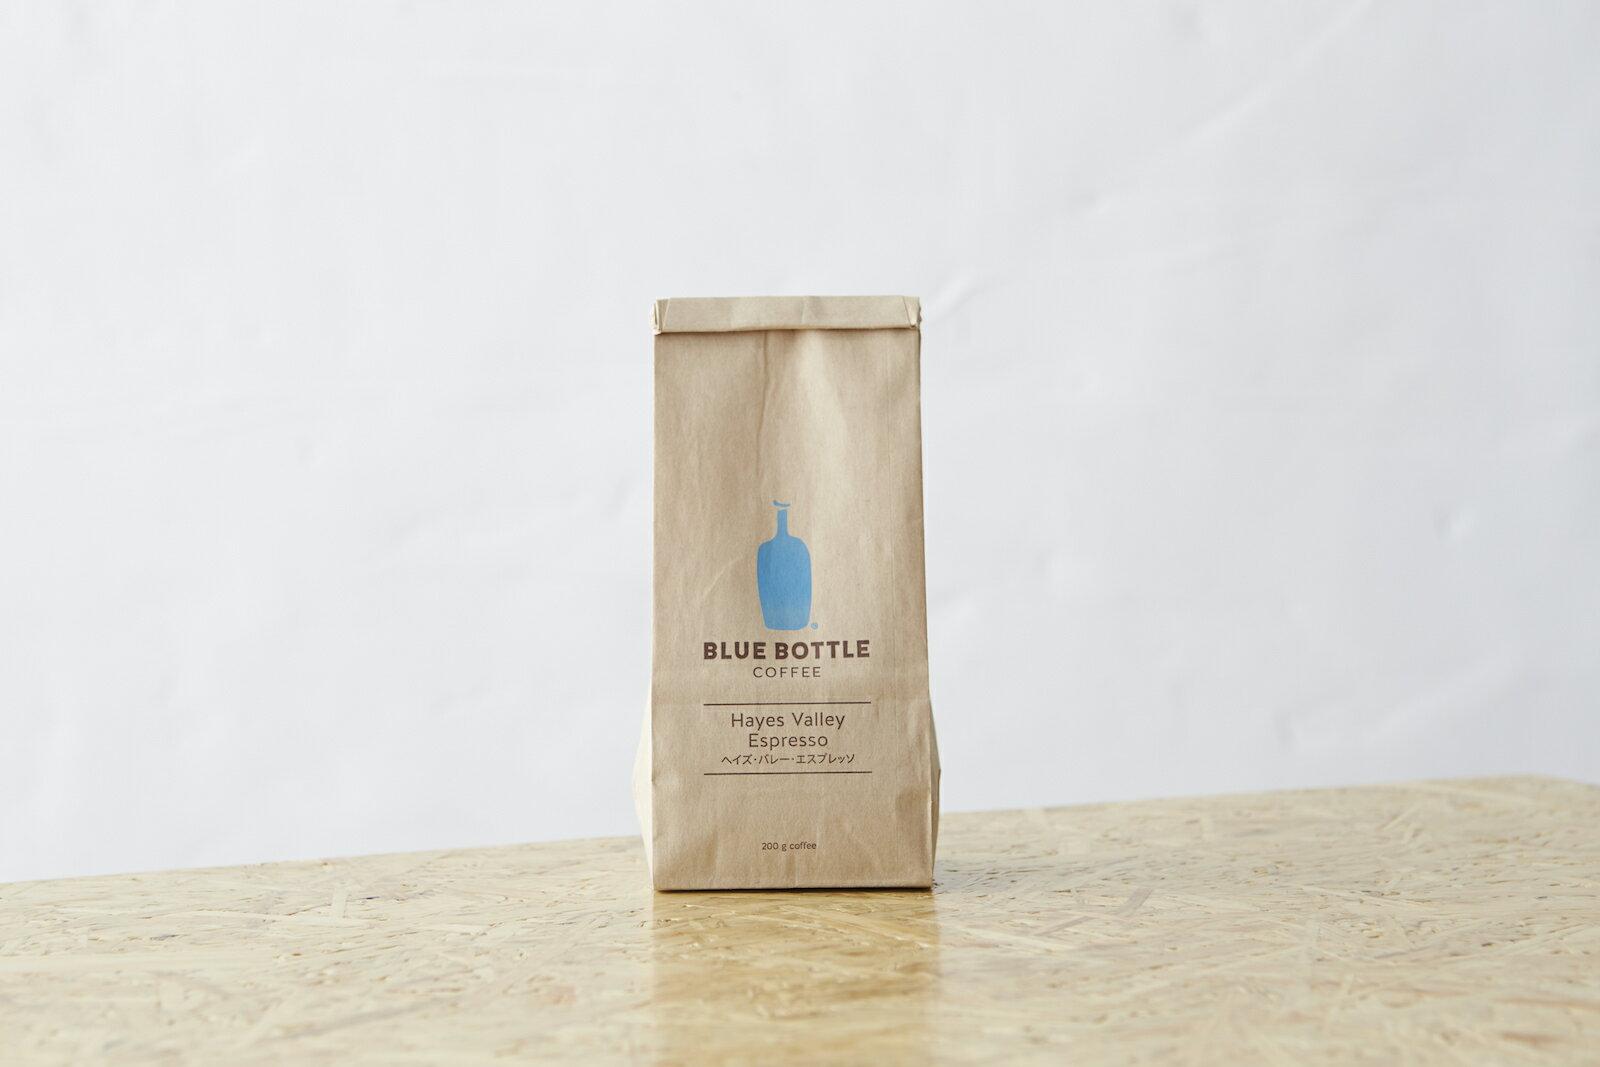 ブレンドコーヒー豆 ヘイズ・バレー・エスプレッソ